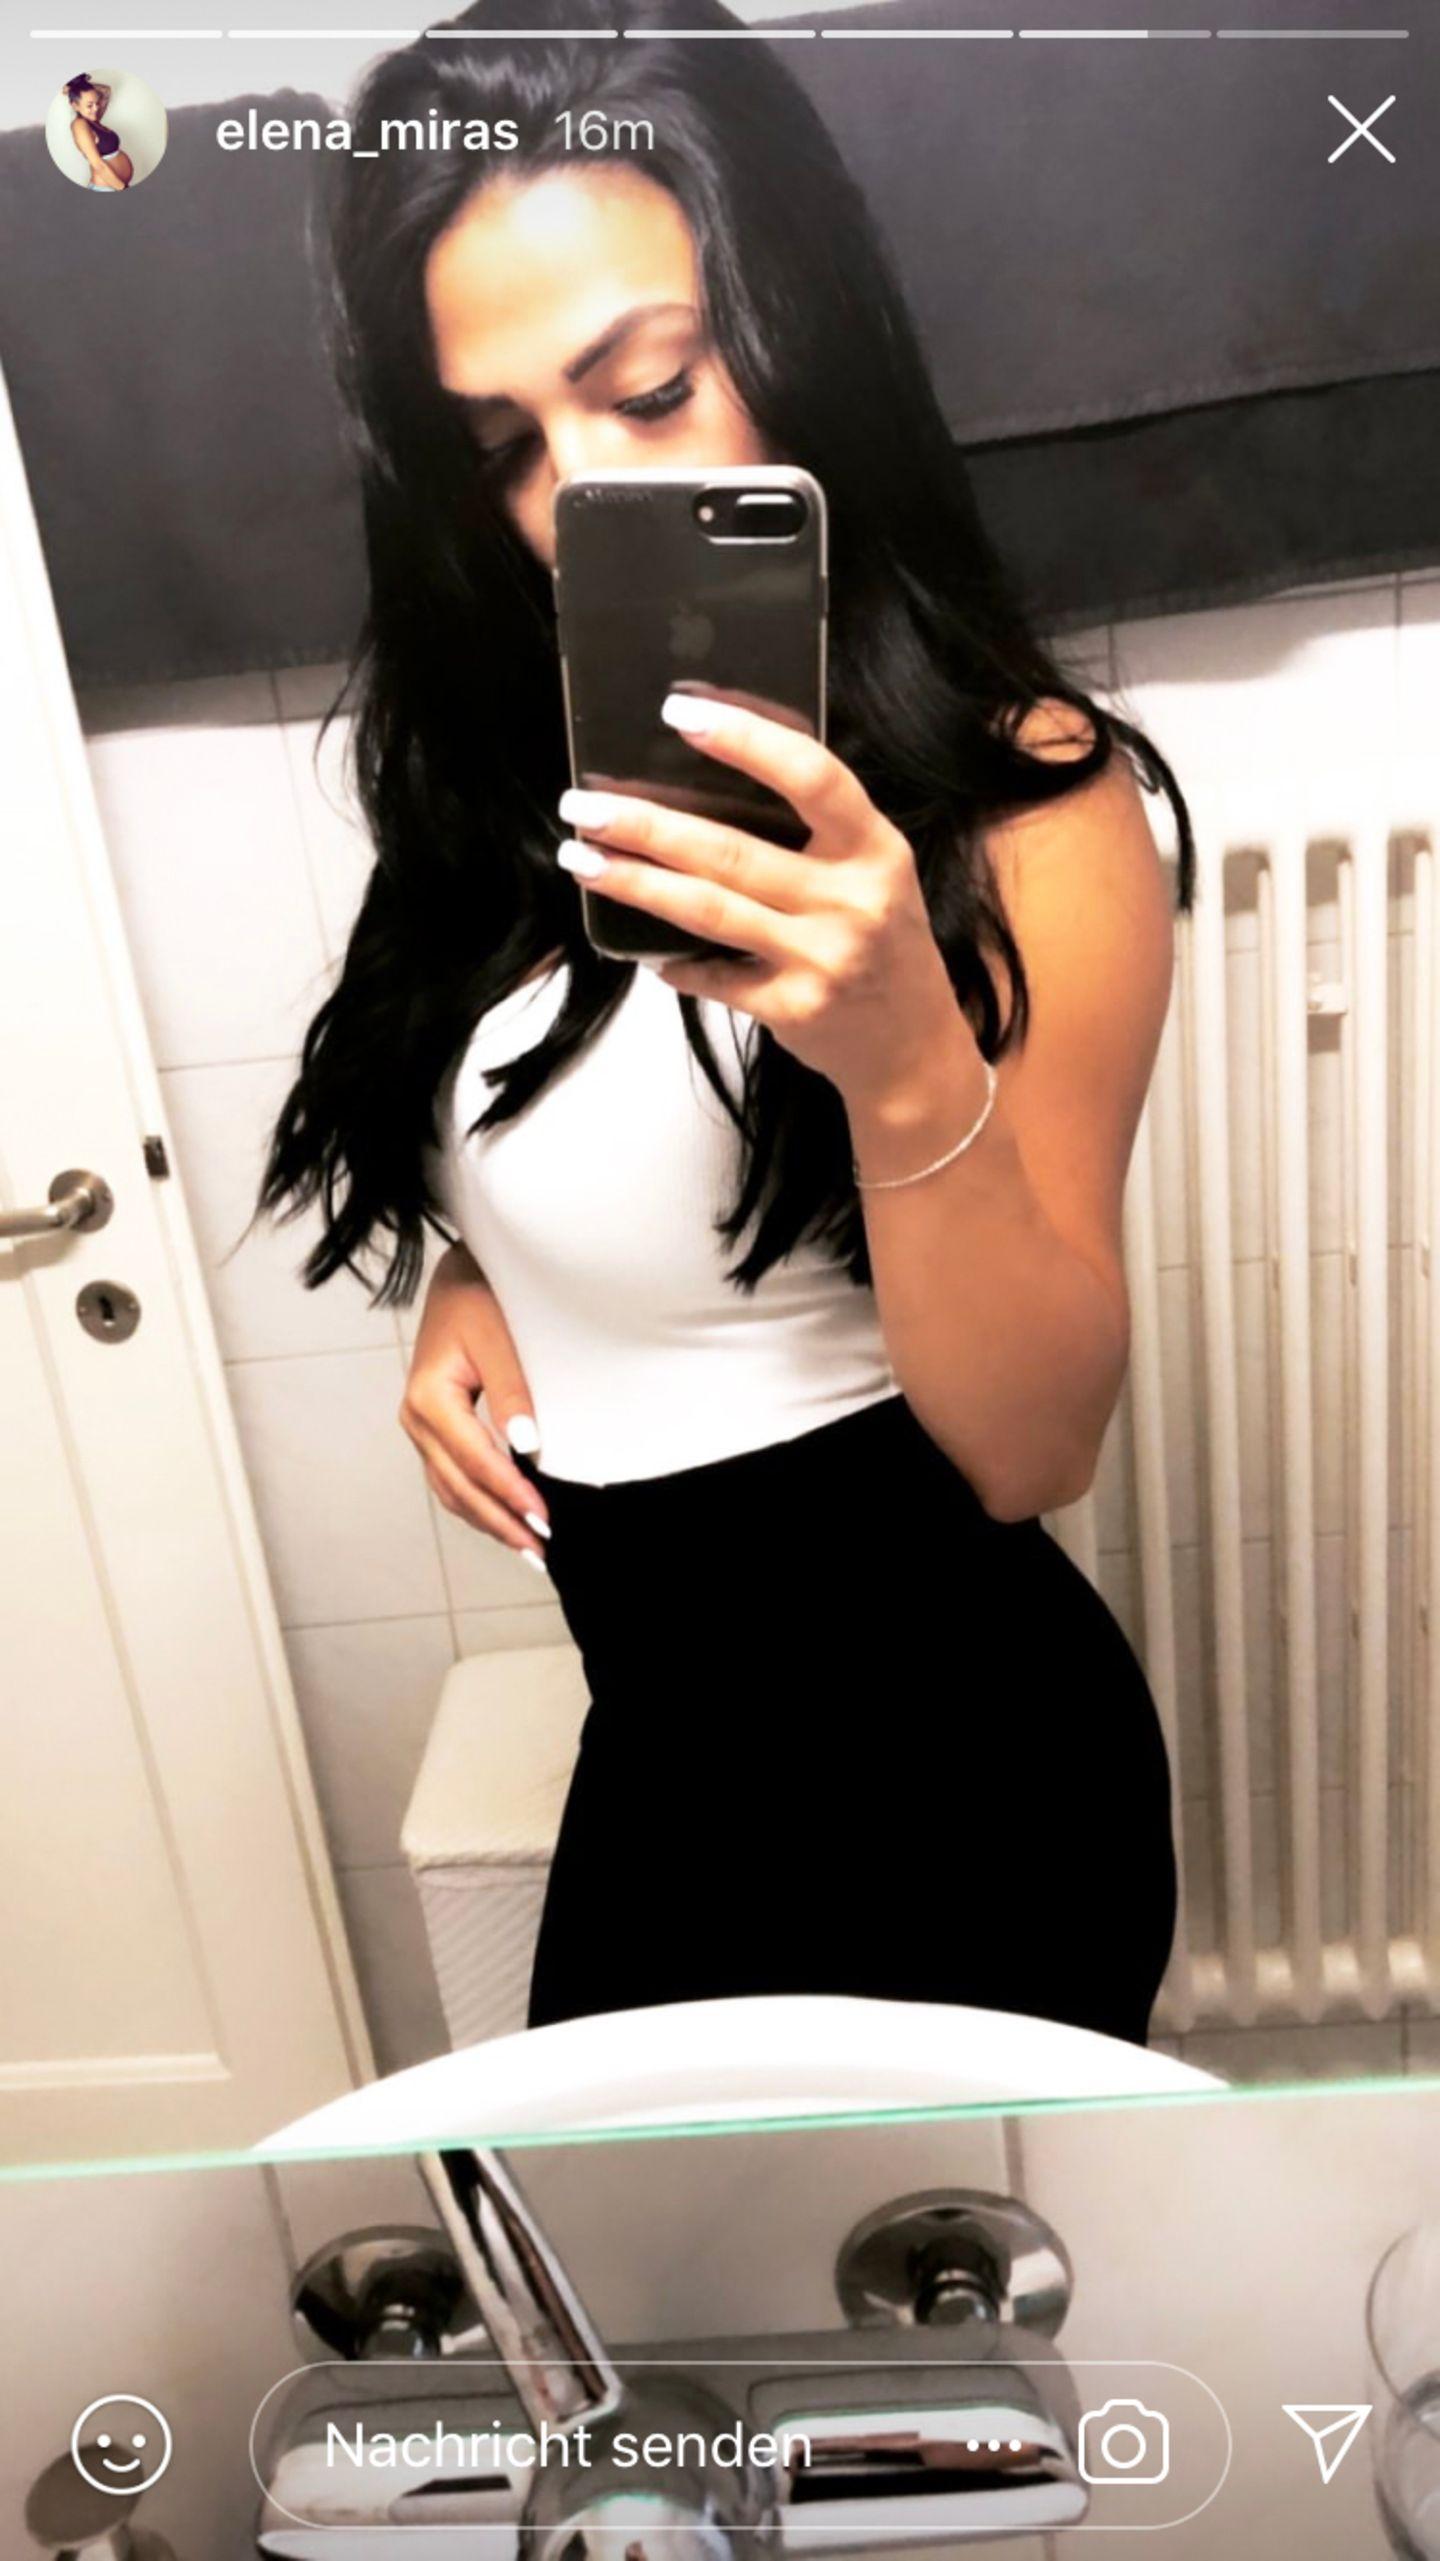 Gut möglich, dass Elena Miras für dieses Selfie ihren Bauch eingezogen hat. Dennoch sieht man dem TV-Sternchen nicht an, dass sie vor weniger als zehn Tagen ein Kind zur Welt gebracht hat.